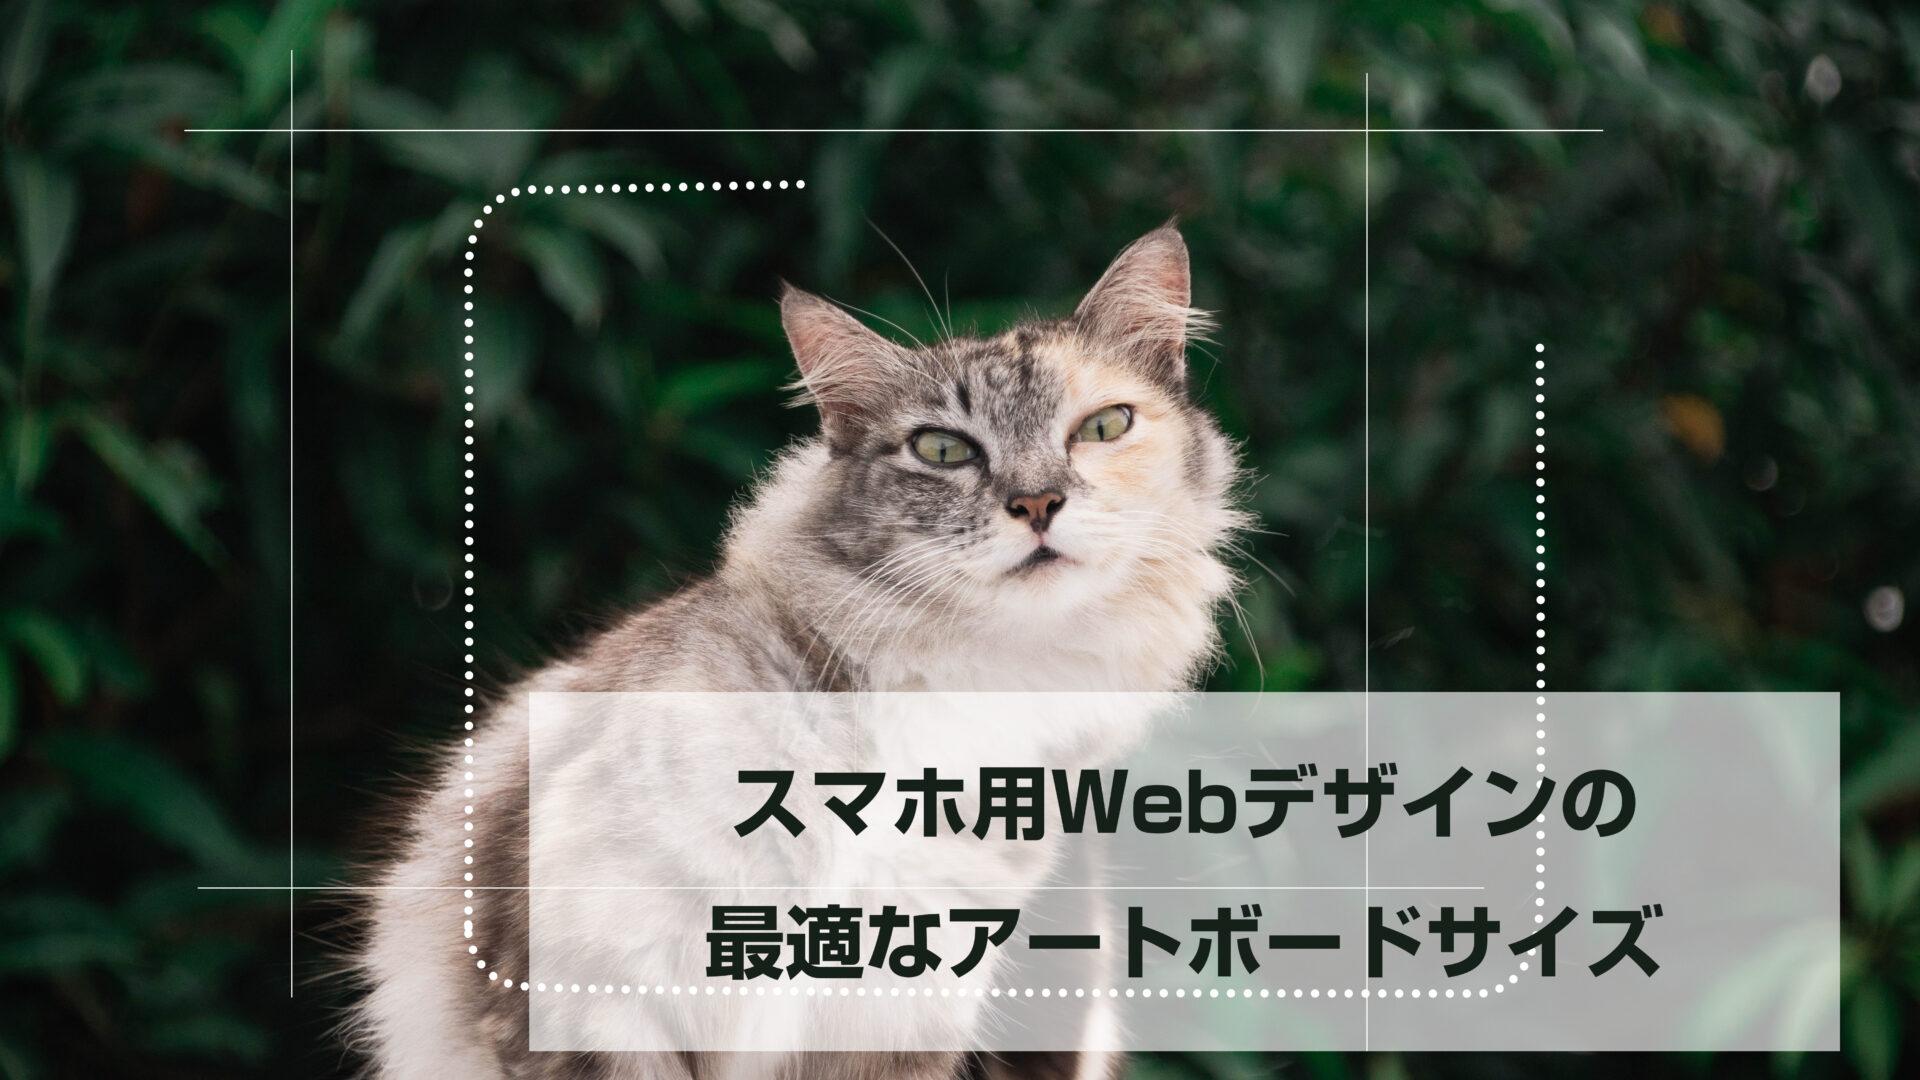 スマホ用Webデザインの最適なアートボードサイズをこれから説明する猫のイラスト